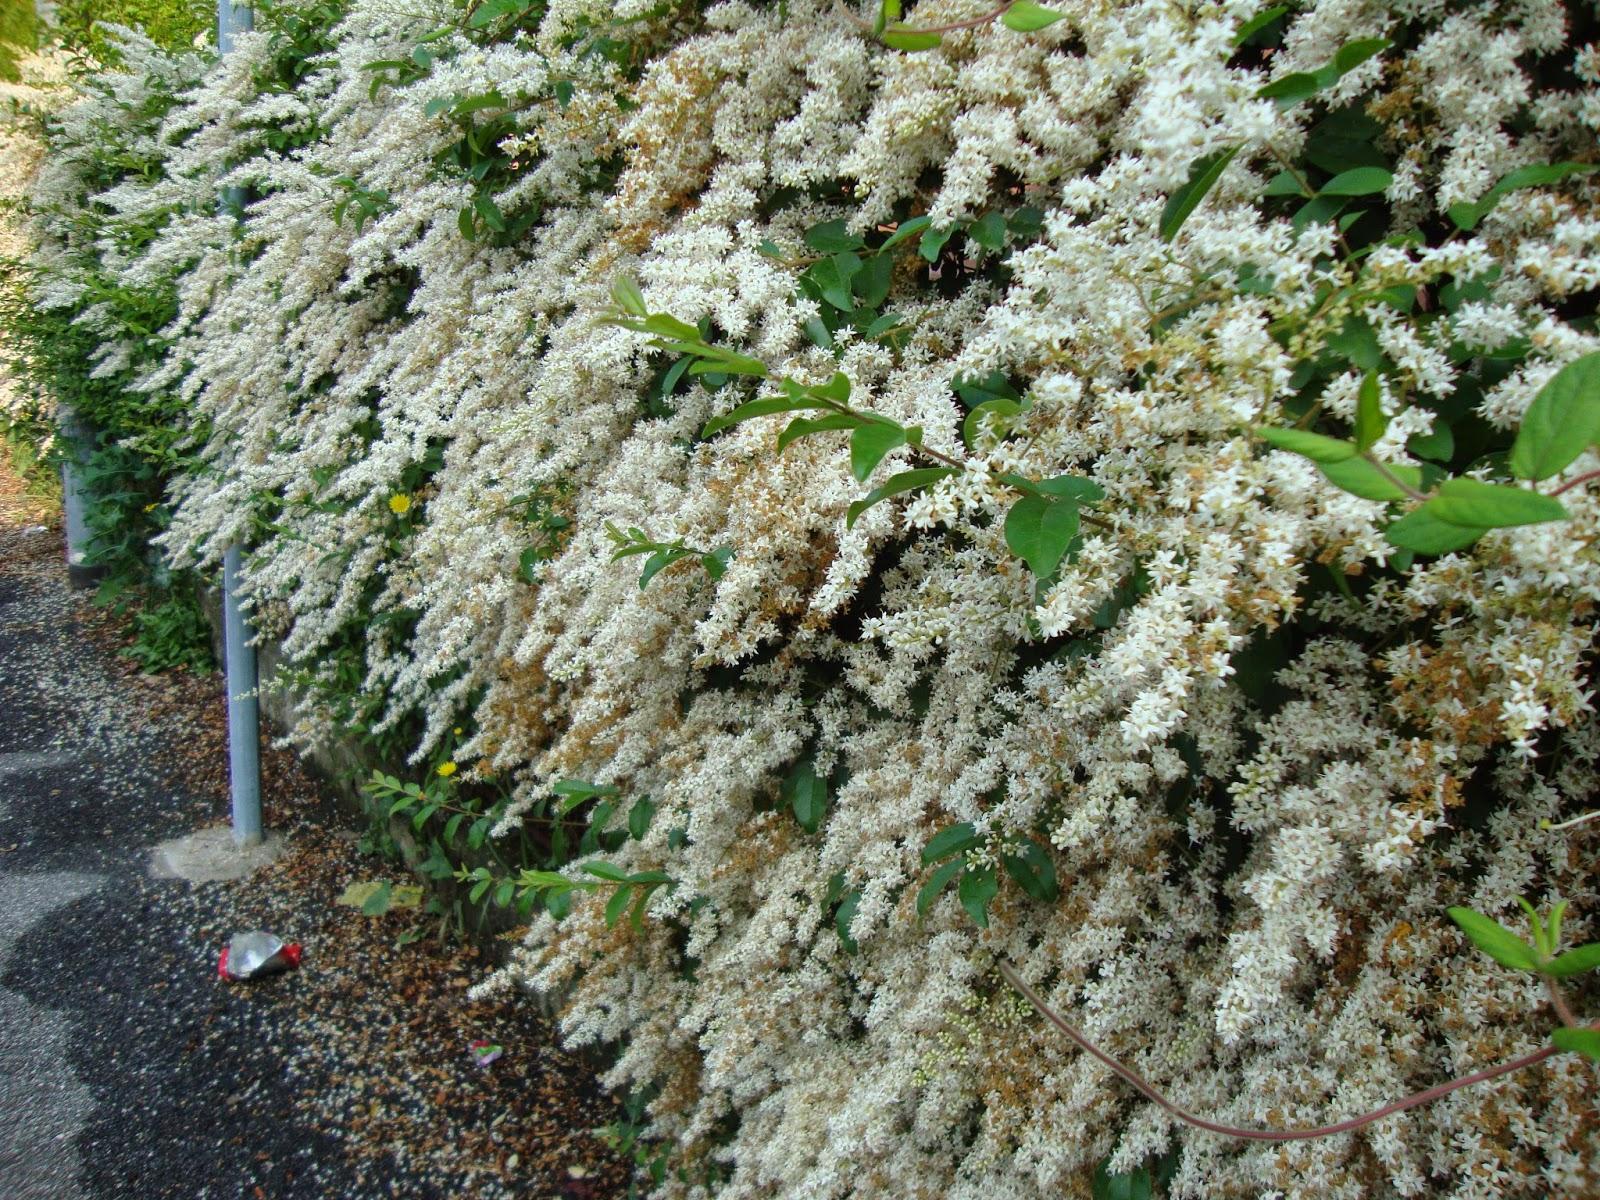 Ligustro foto diario di una giardiniera curiosa for Sempreverde con fiori bianchi e profumati